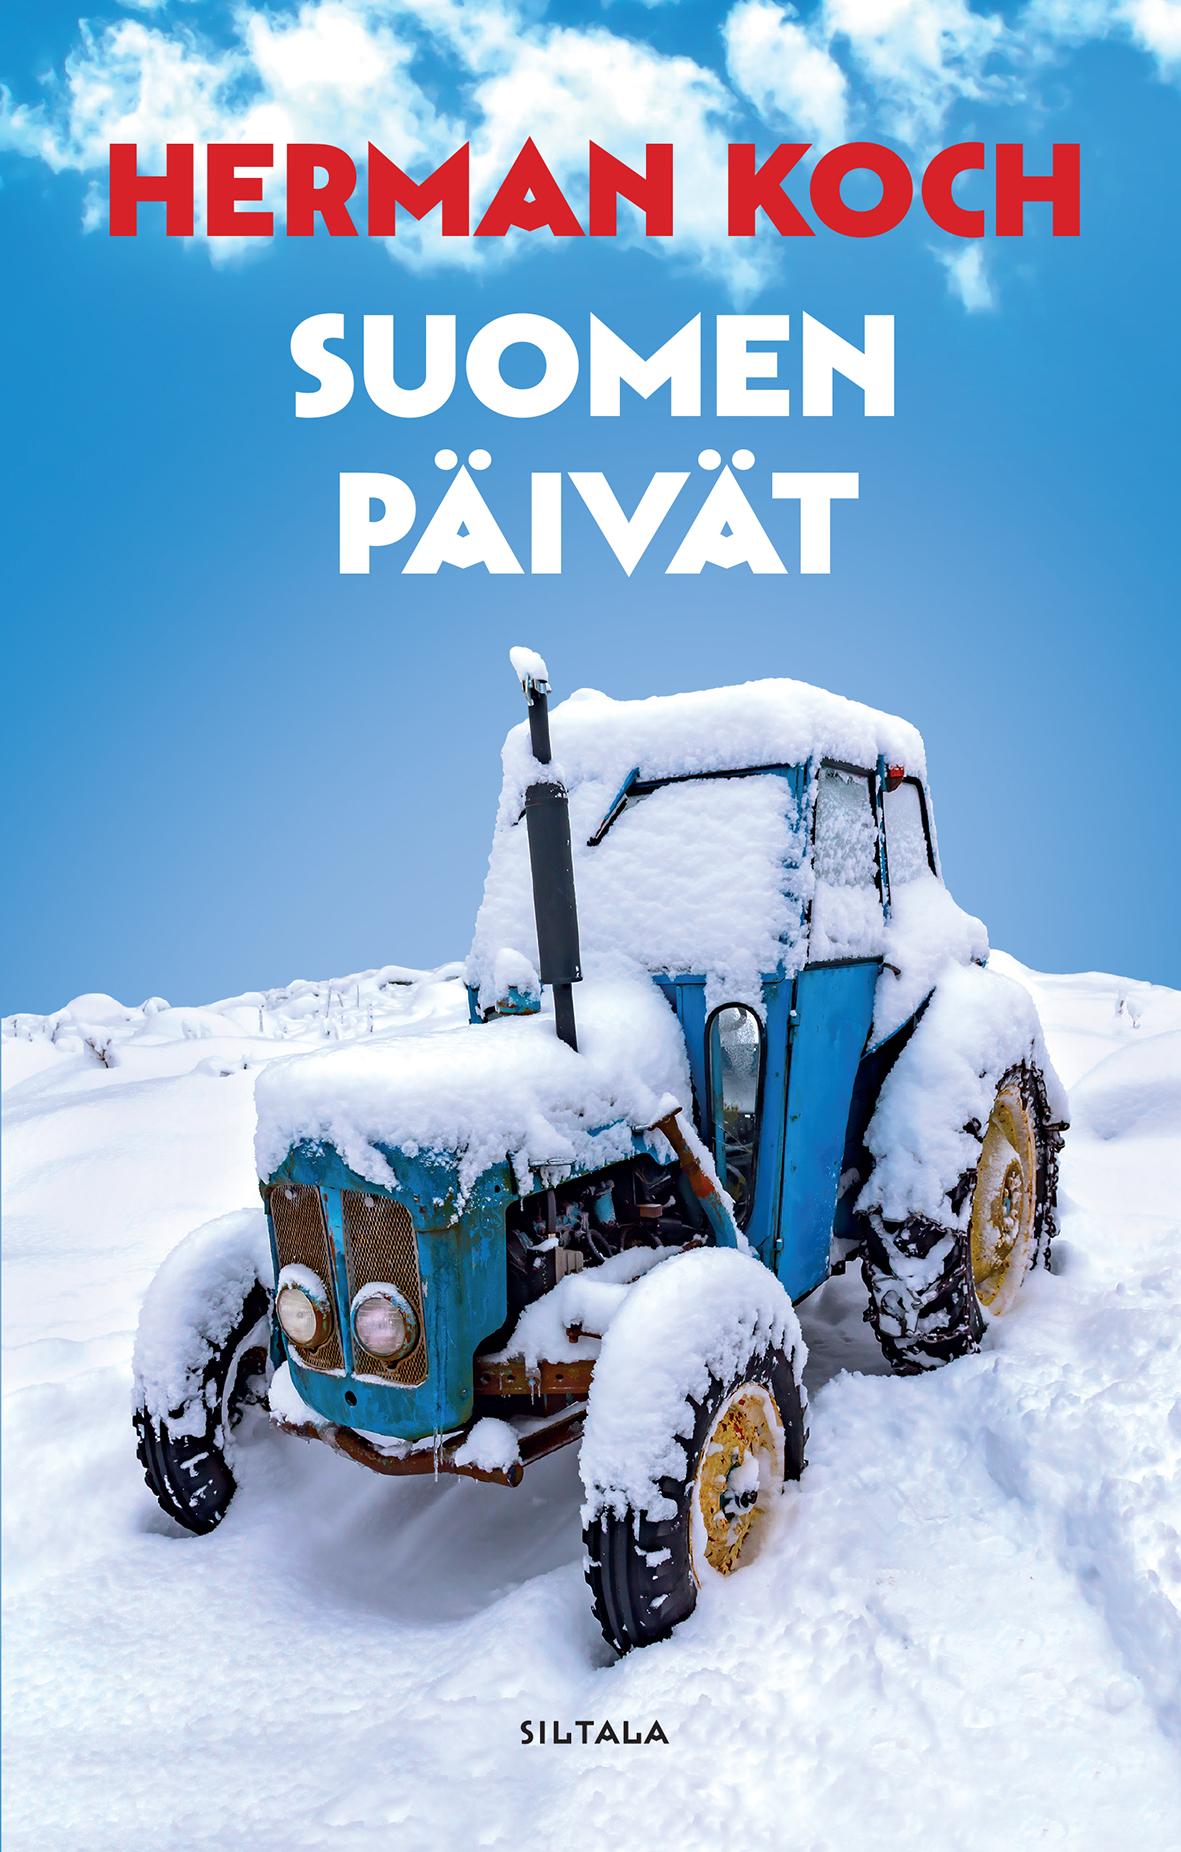 Suomen päivät -romaanin kansikuva